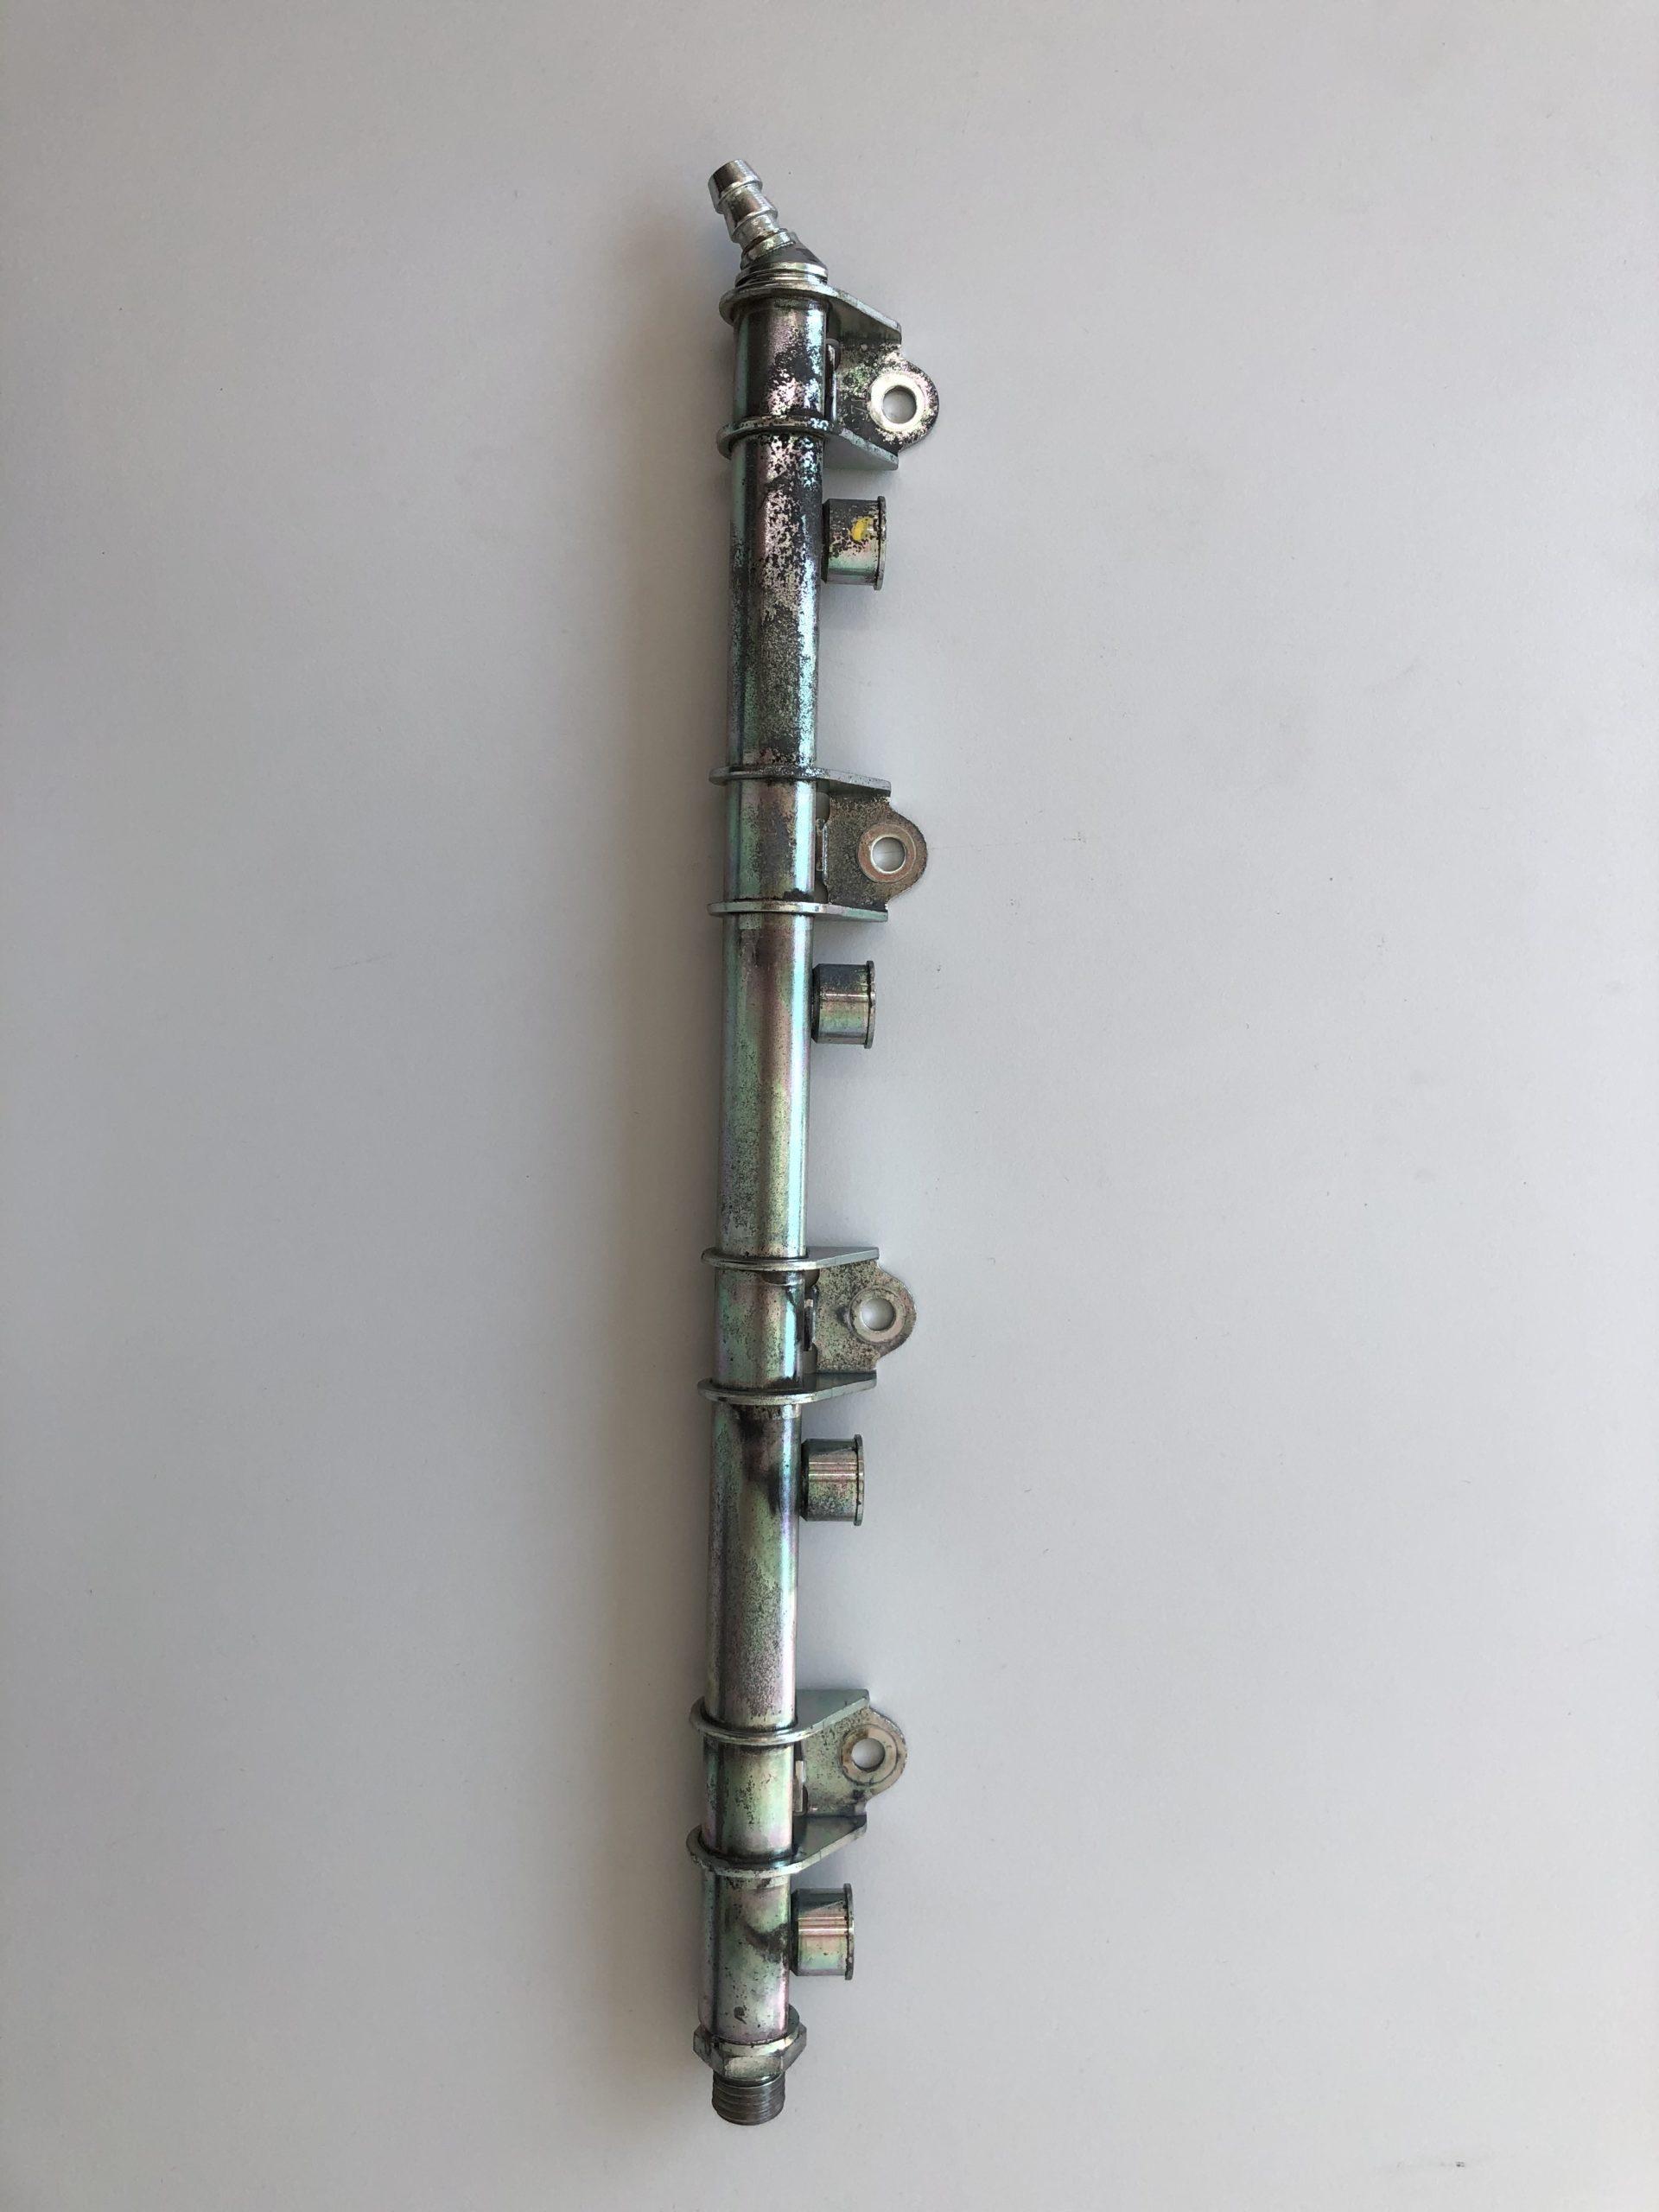 Einspritzleiste Delta Integrale 8V , mit und ohne Kat.Gebraucht, Ultraschall-gereinigt und verpackt.